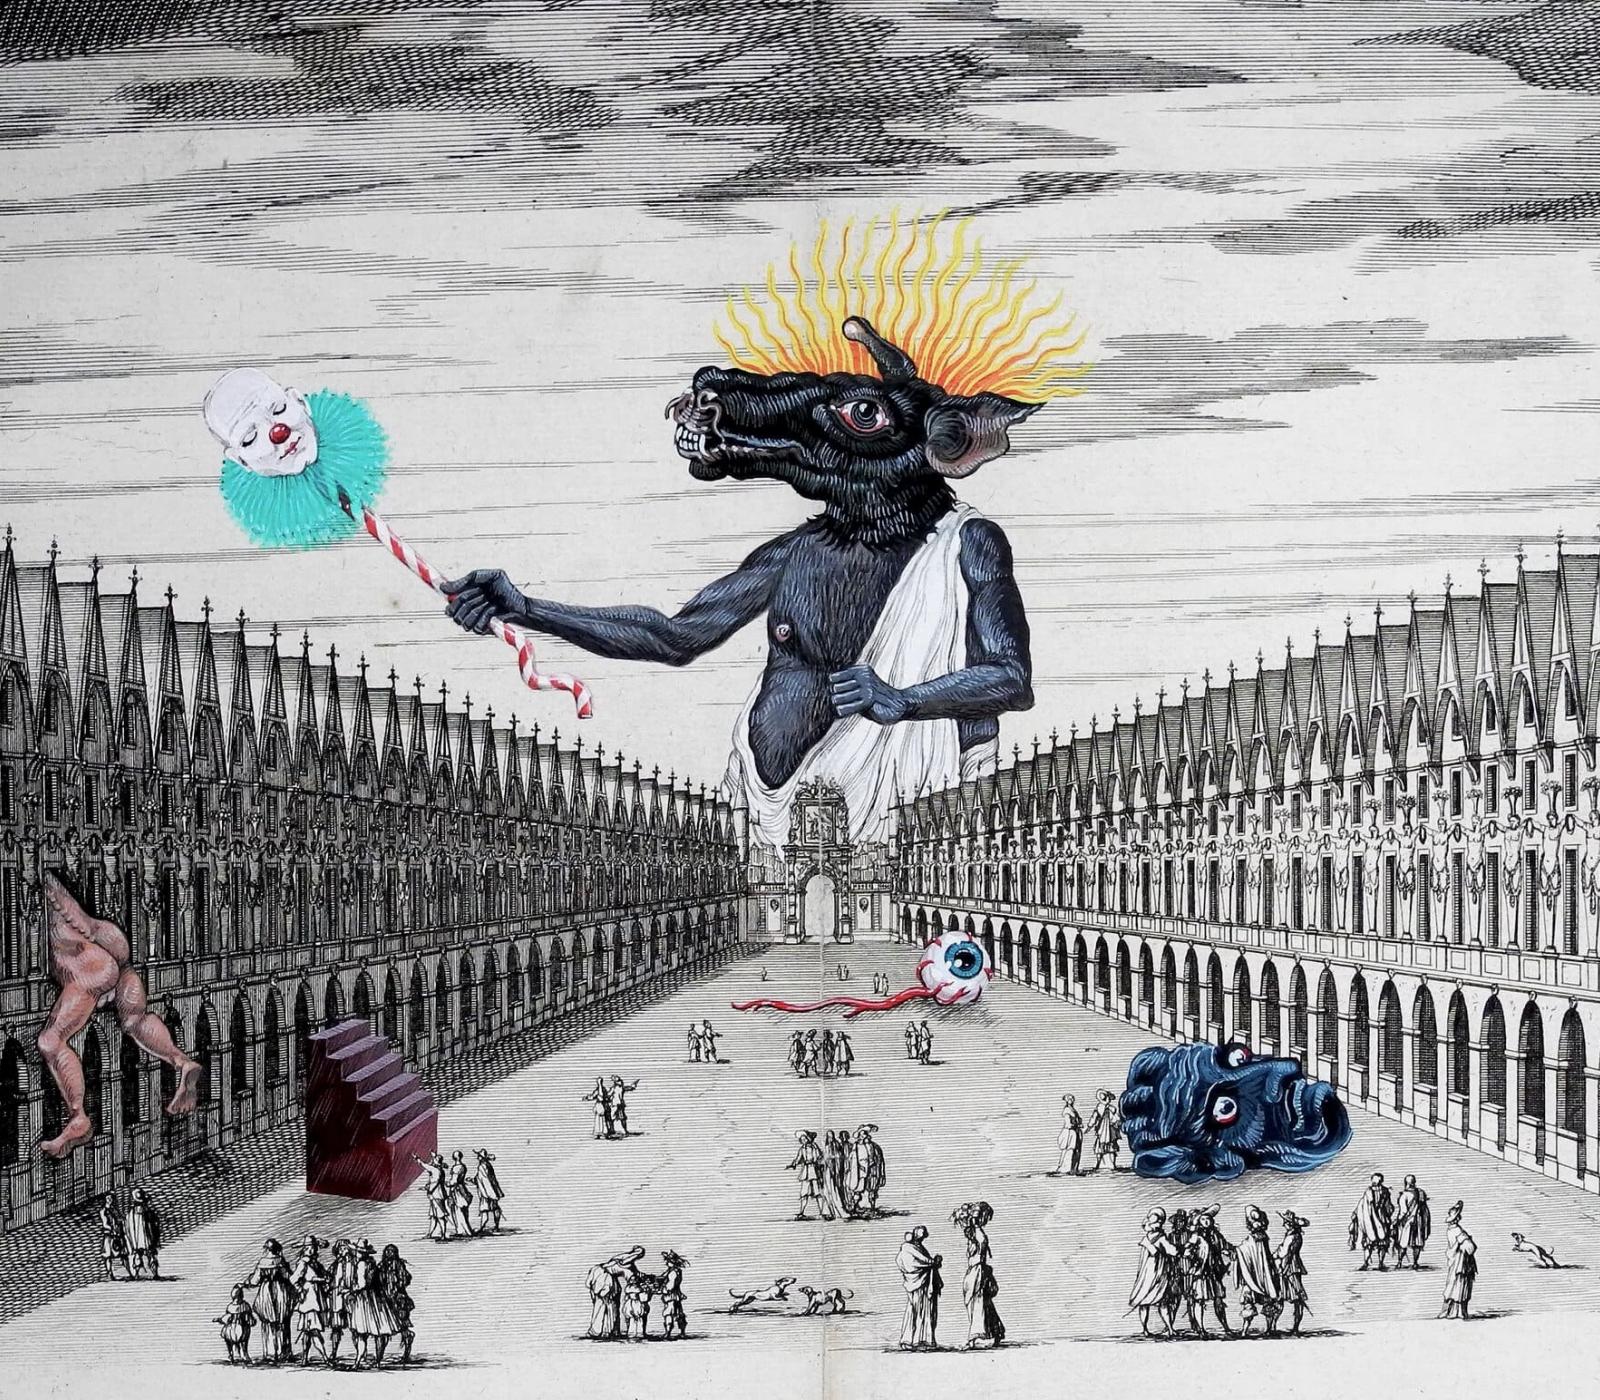 <b>Clément Bataille</b>, <em>Notre Dame</em>, Acrylique, encre et aquarelle sur gravure XIXe siècle, 2018 /63x66cm